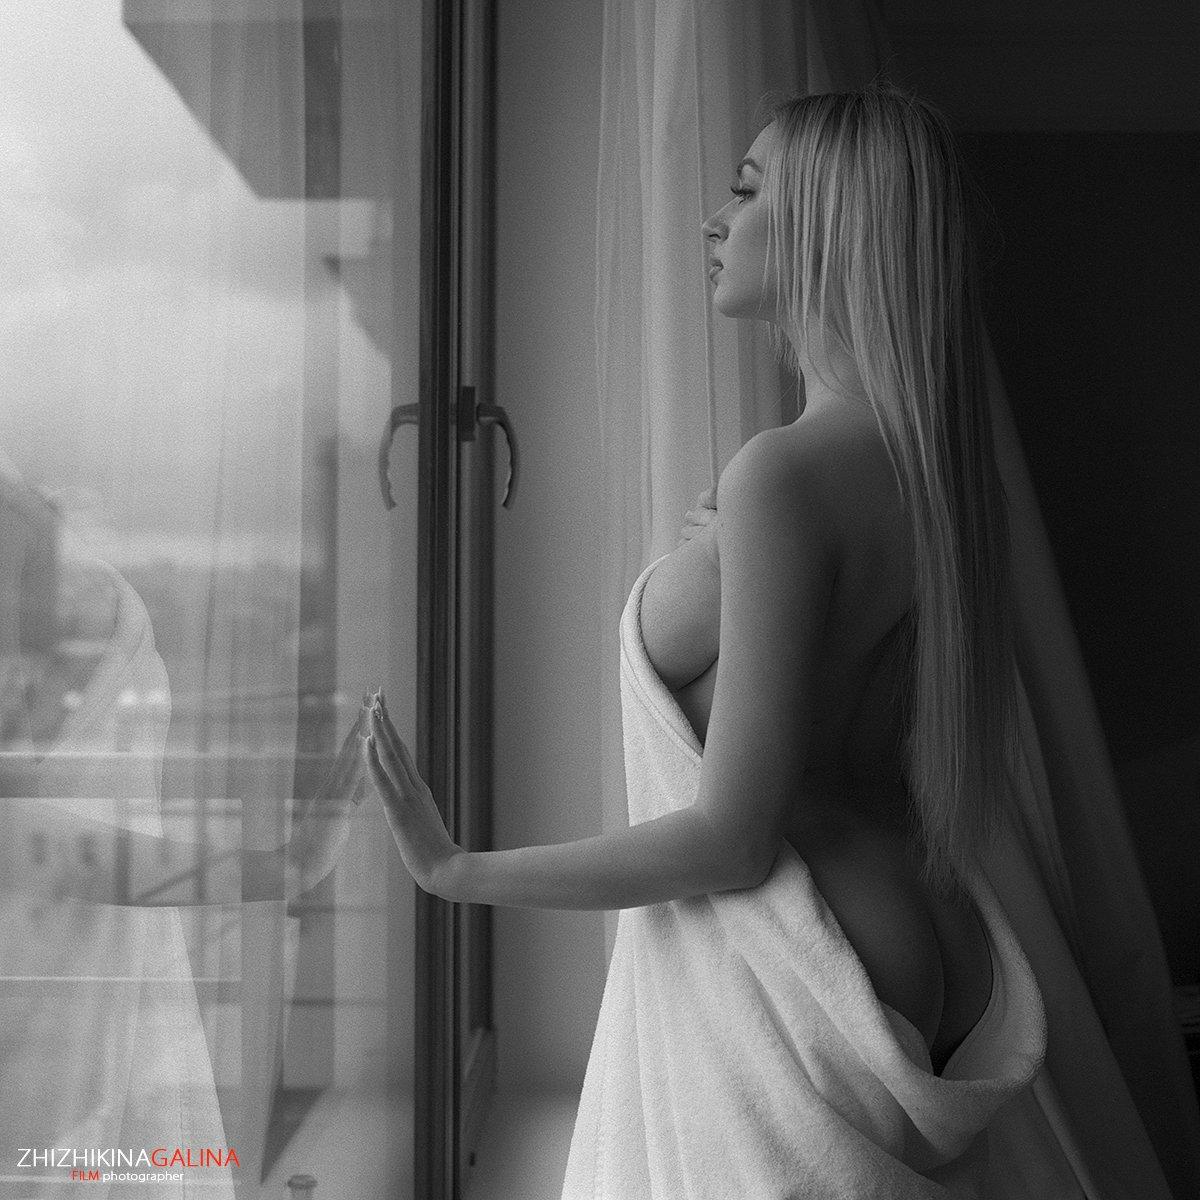 девушка, окно, модель, портрет, жанр, отражение, прикосновение, полотенце, креатив, ню, топлесс, фотография, фотосессия, прикосновение, ч/б, 6х6, m-format, middle, film, b&w, soul, photo, photography, portrait, nature, black, art, nude, artnu, nu, Галина Жижикина